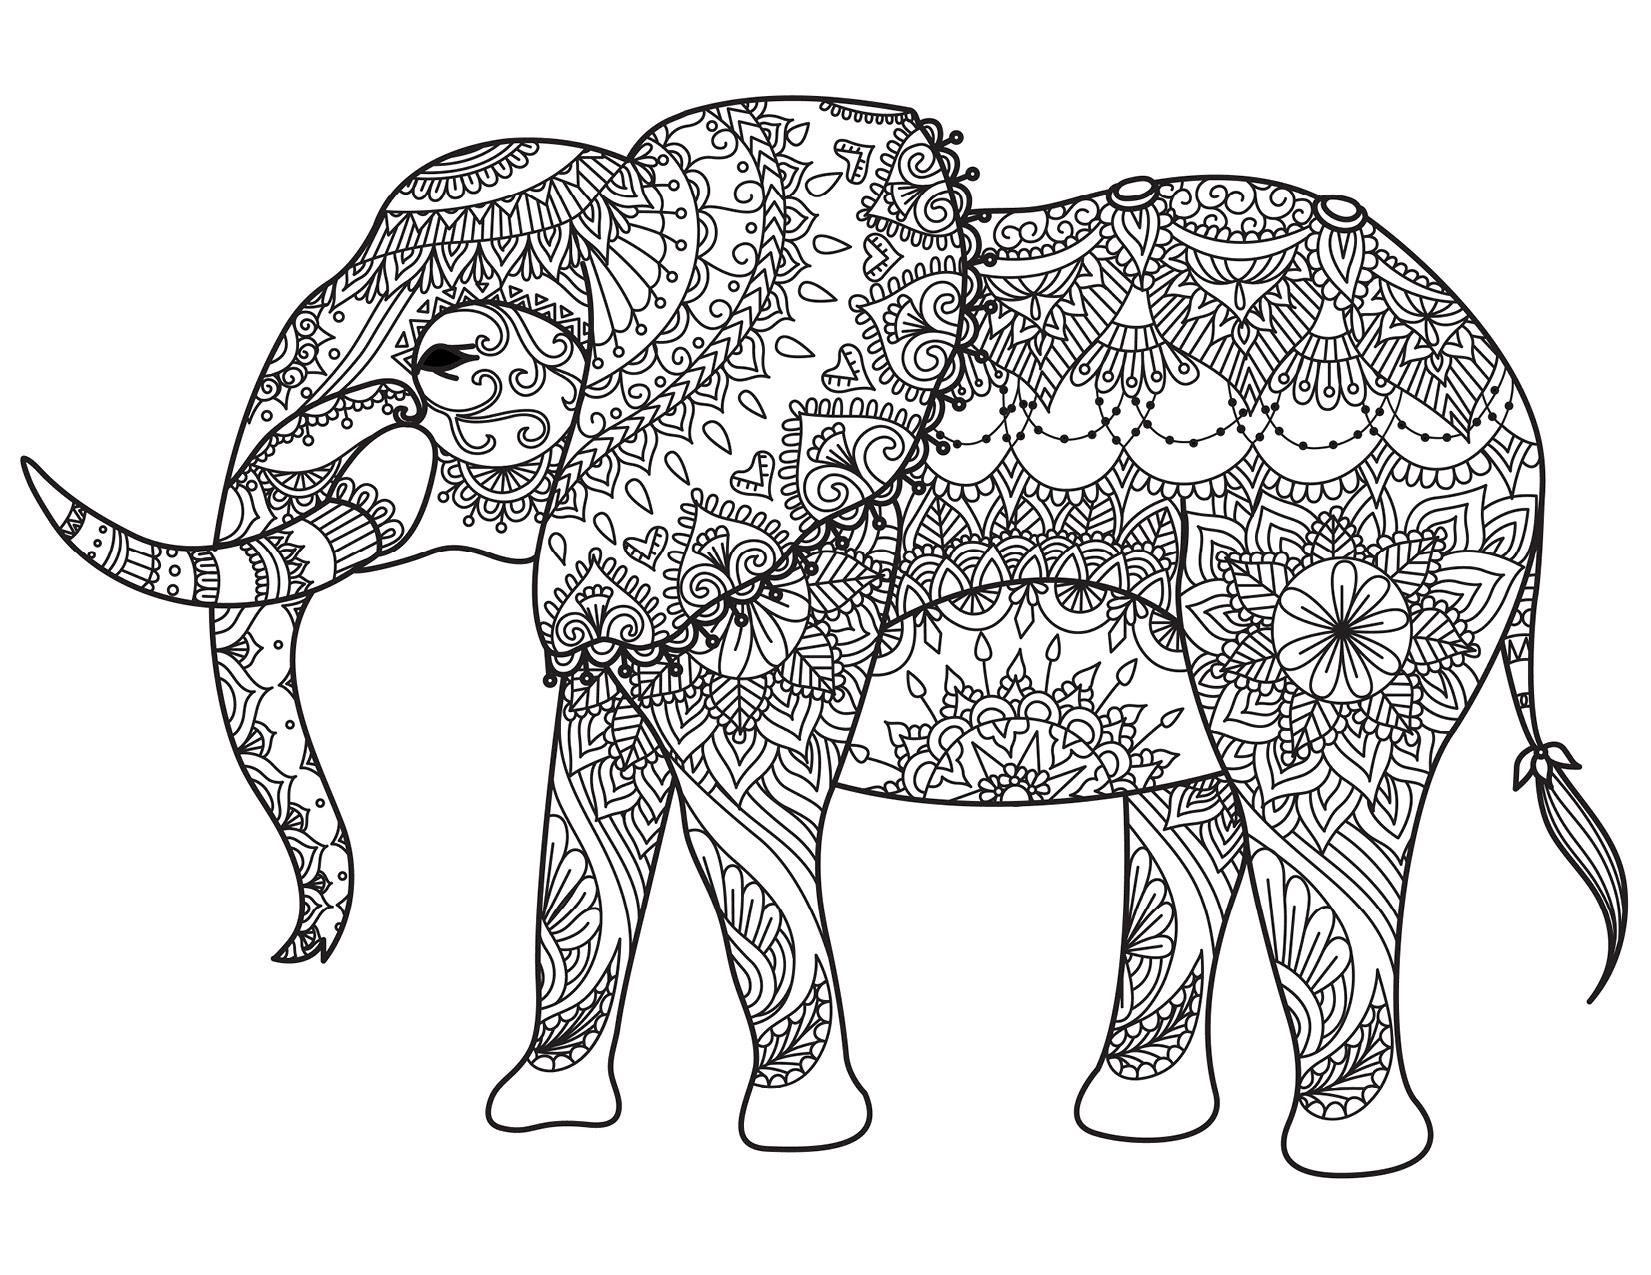 Coloriage Famille Elephant.Coloriage Animaux A Imprimer Pour Adulte Par Bimbimkha Artherapie Ca